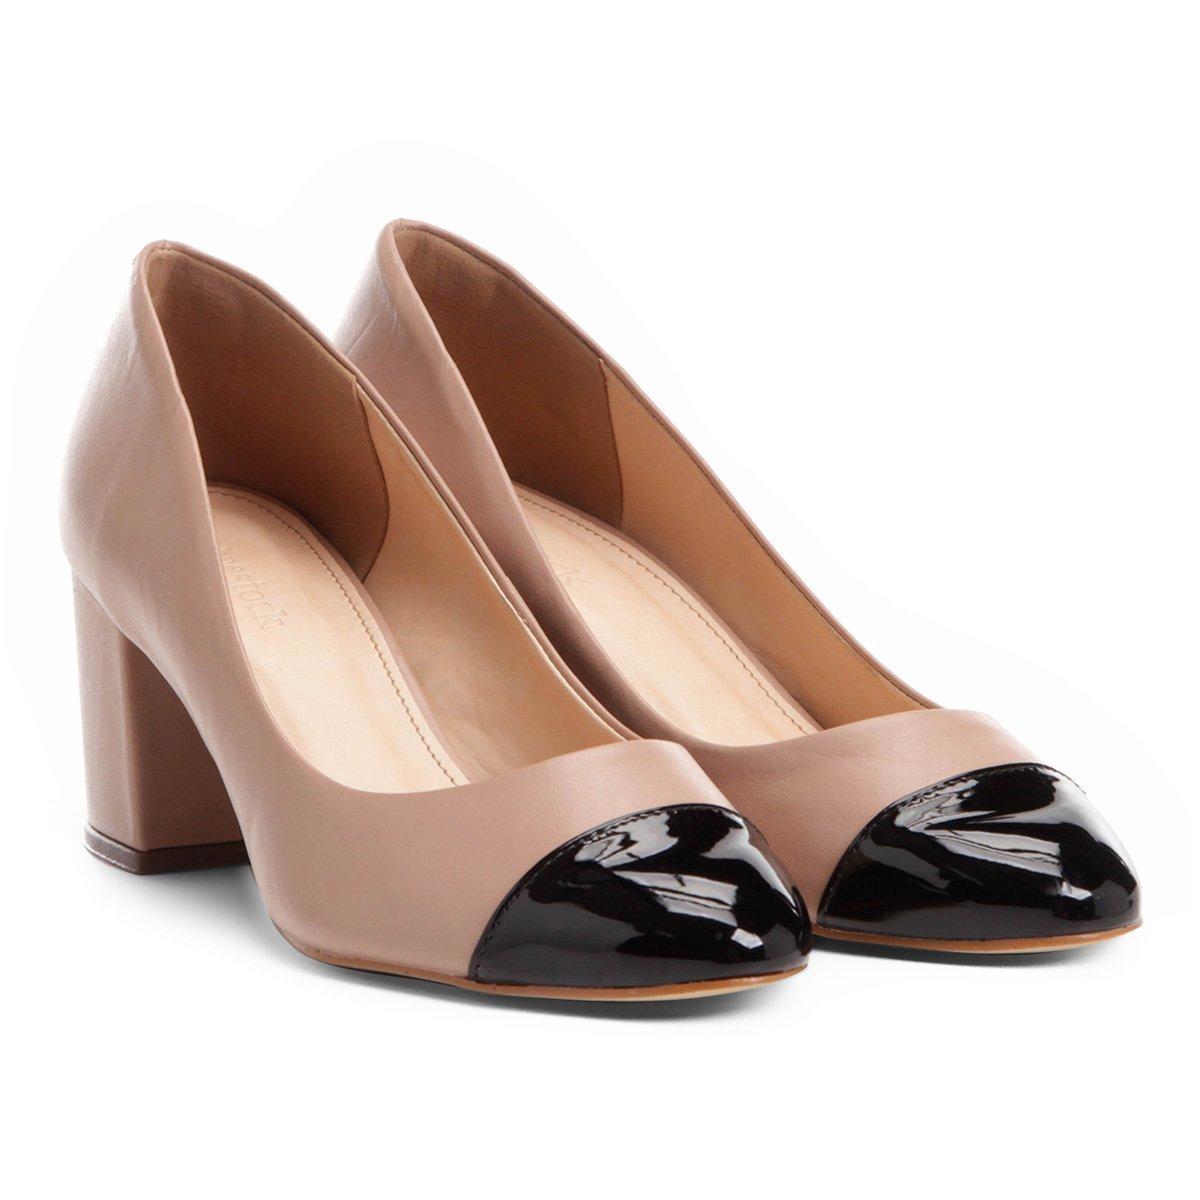 305a7b72df Scarpin Couro Shoestock Salto Médio Bico Redondo